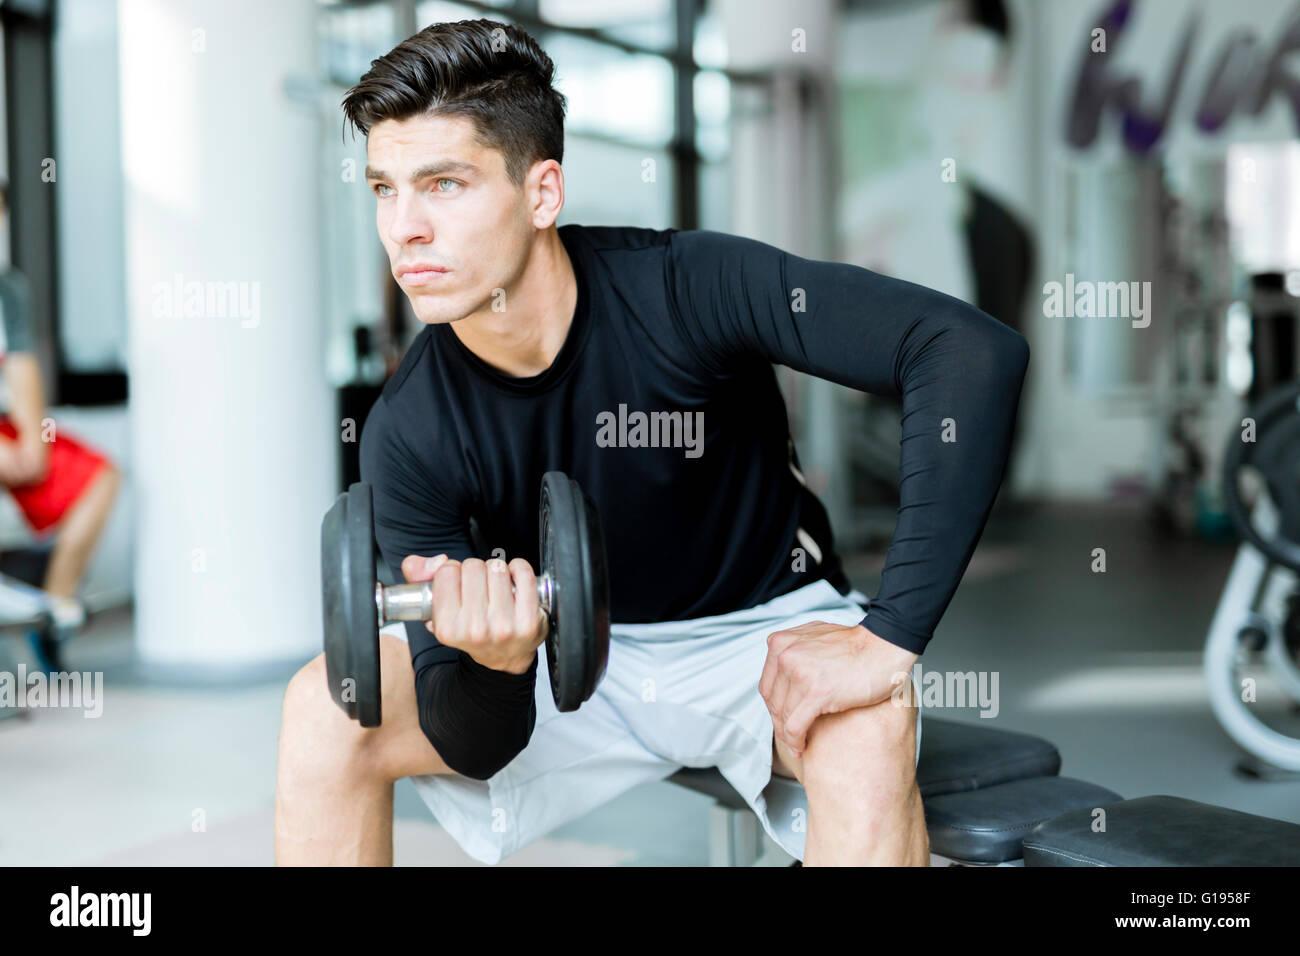 Jeune homme séduisant de la formation dans un centre de remise en forme Photo Stock